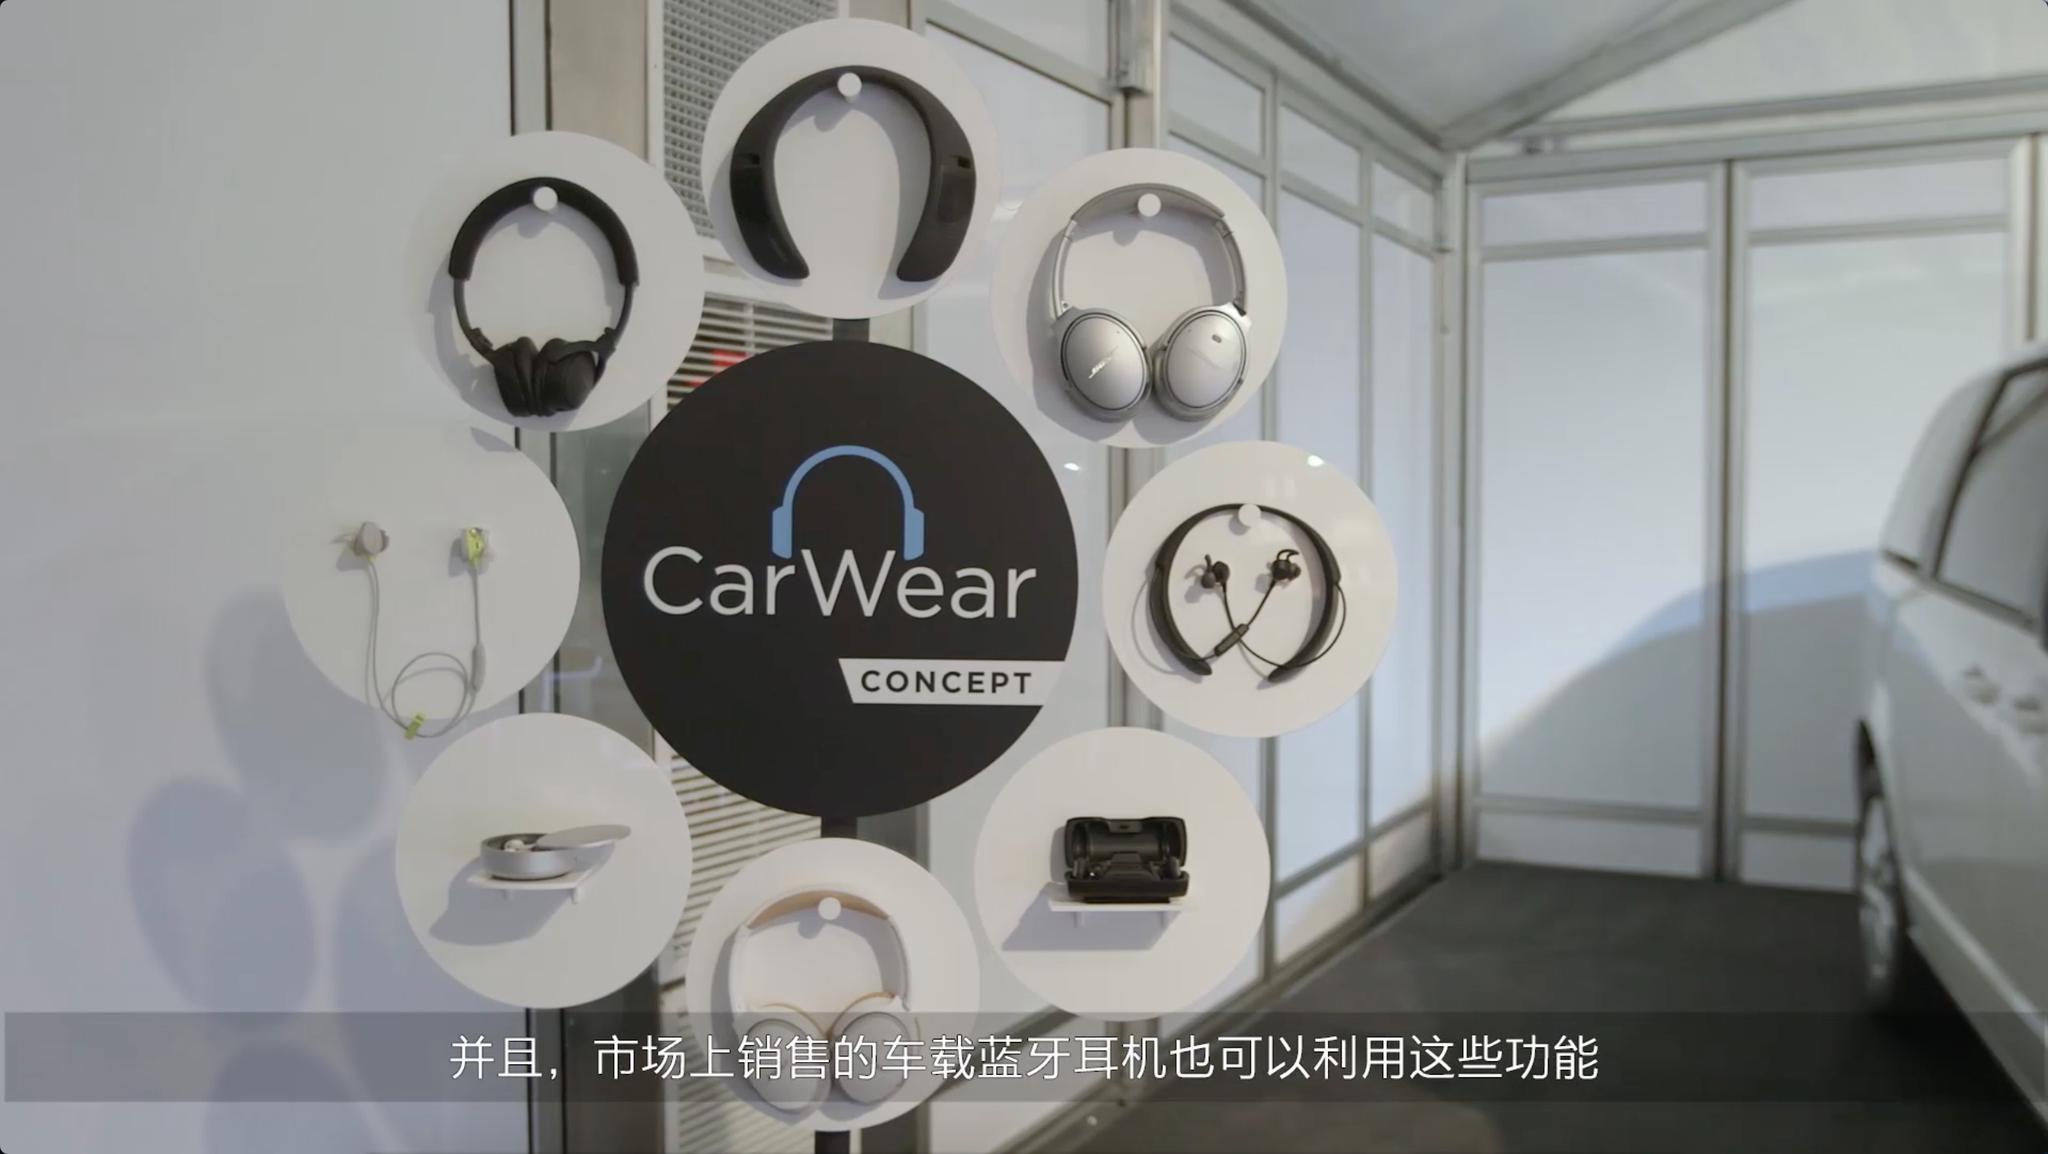 未来将有更多Bose设备支持CarWear技术